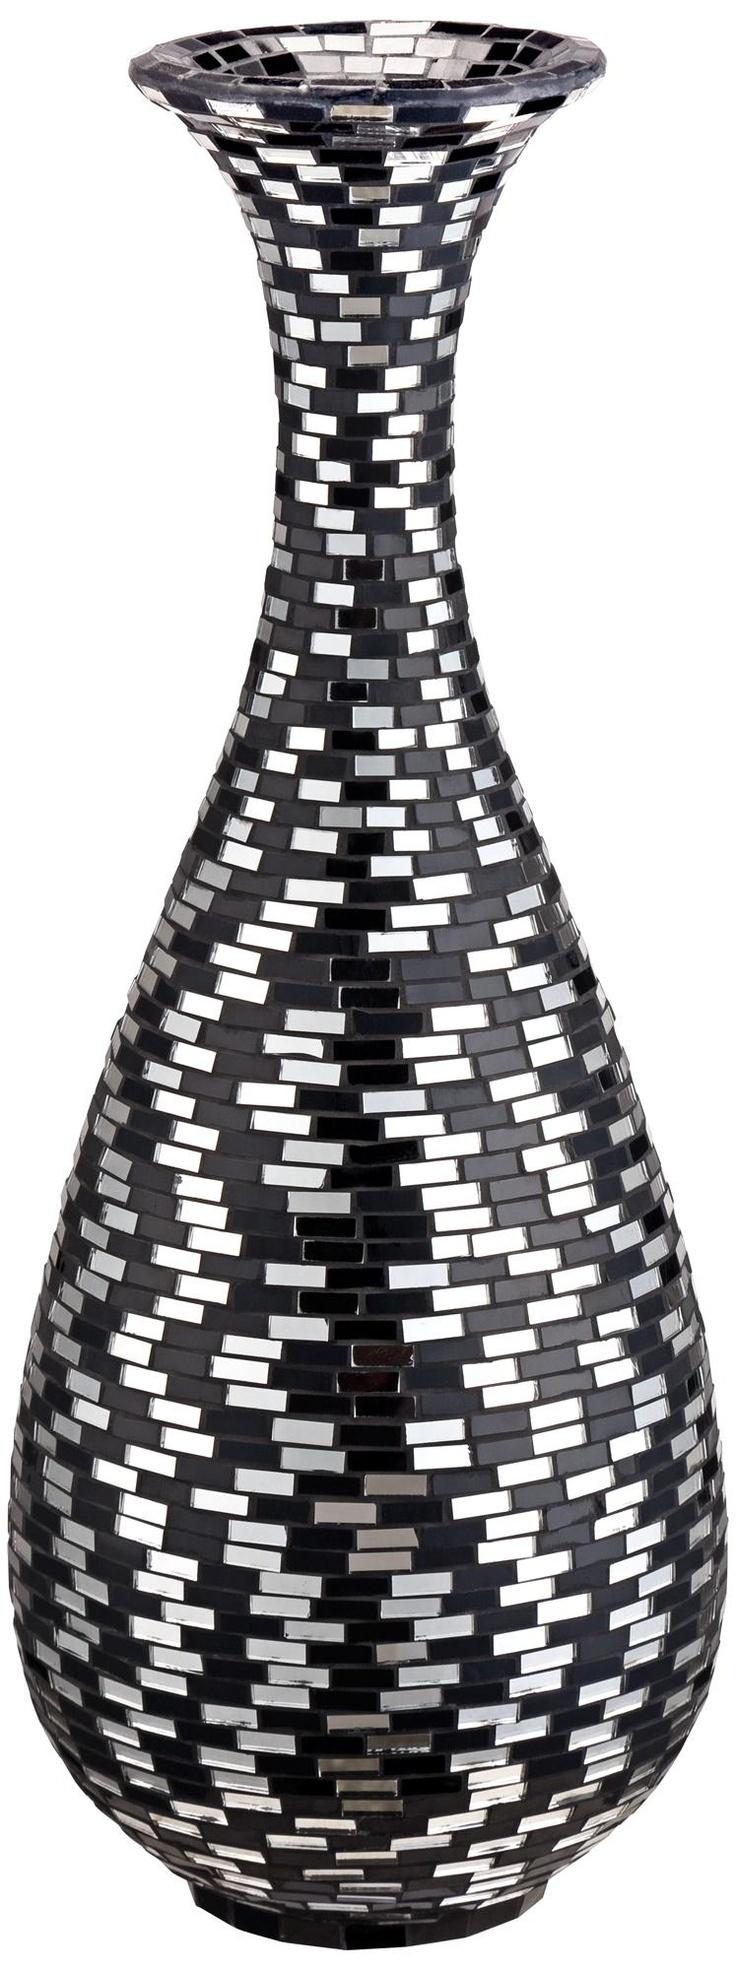 Black and White Mosaic Bubble Vase -